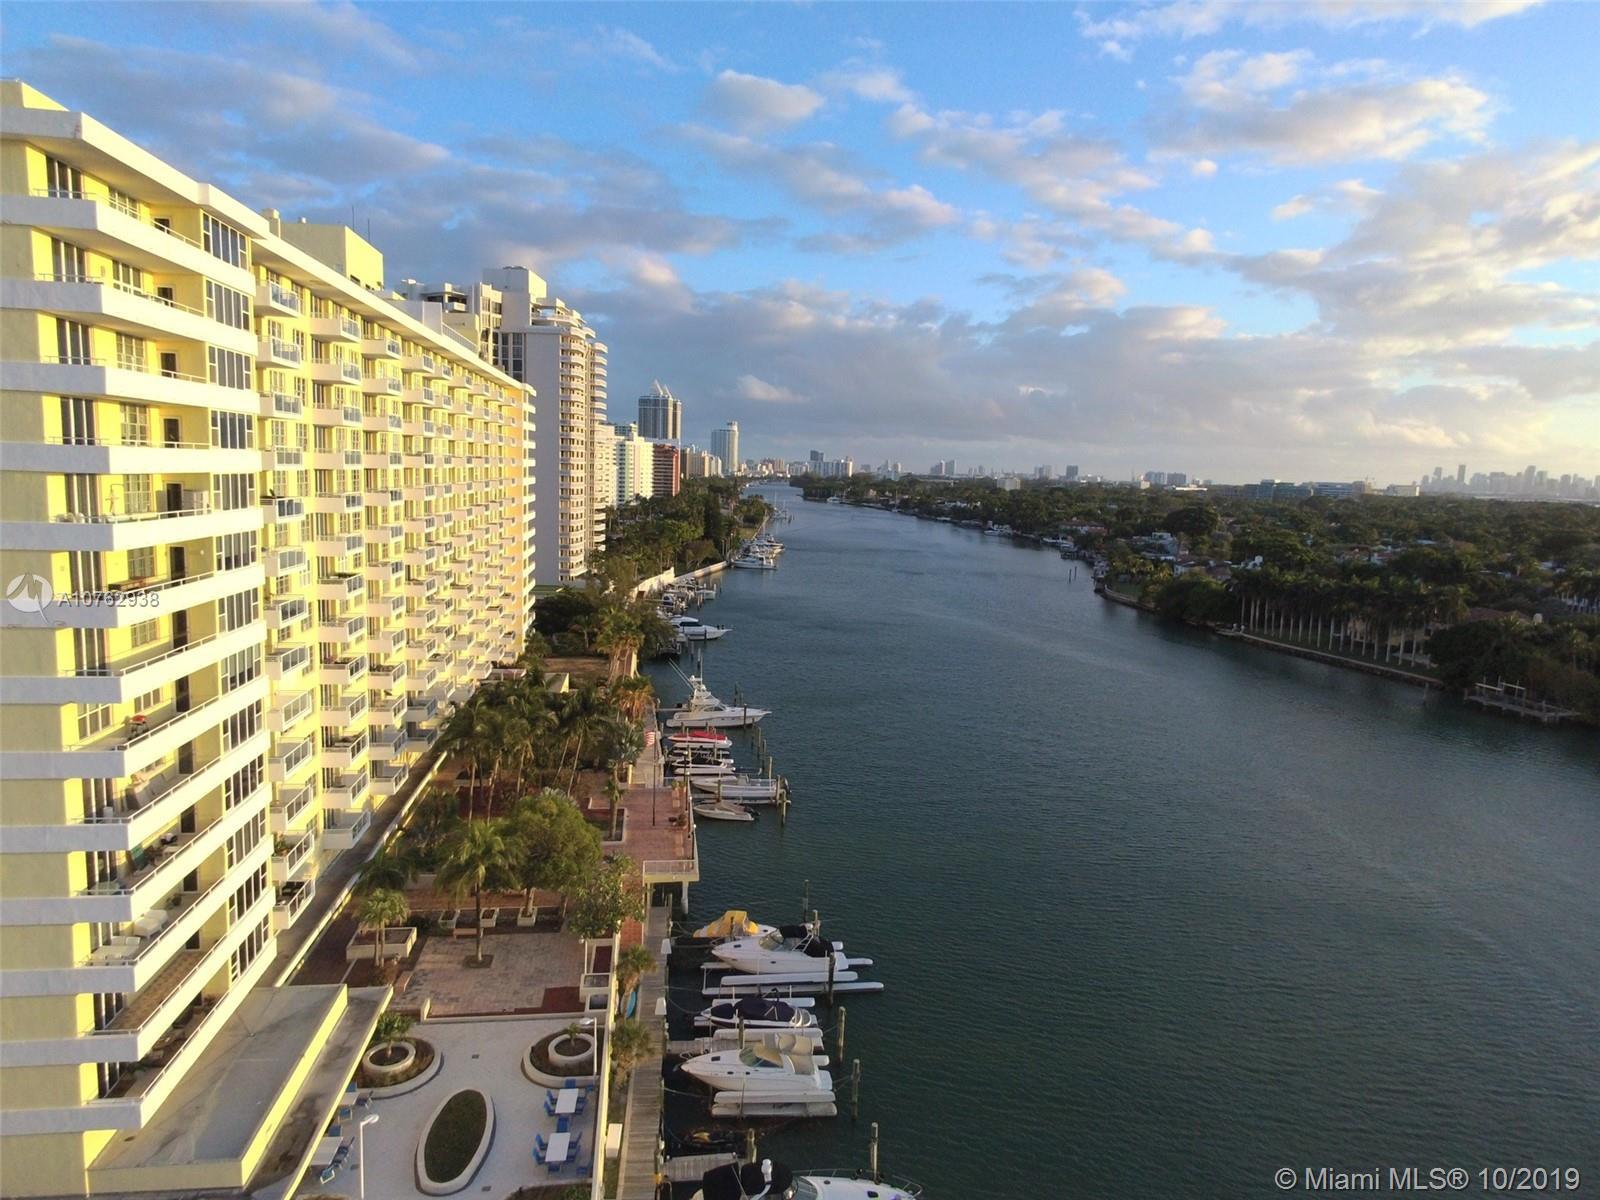 5600 Collins Ave #15D, Miami Beach, FL 33140 - Miami Beach, FL real estate listing